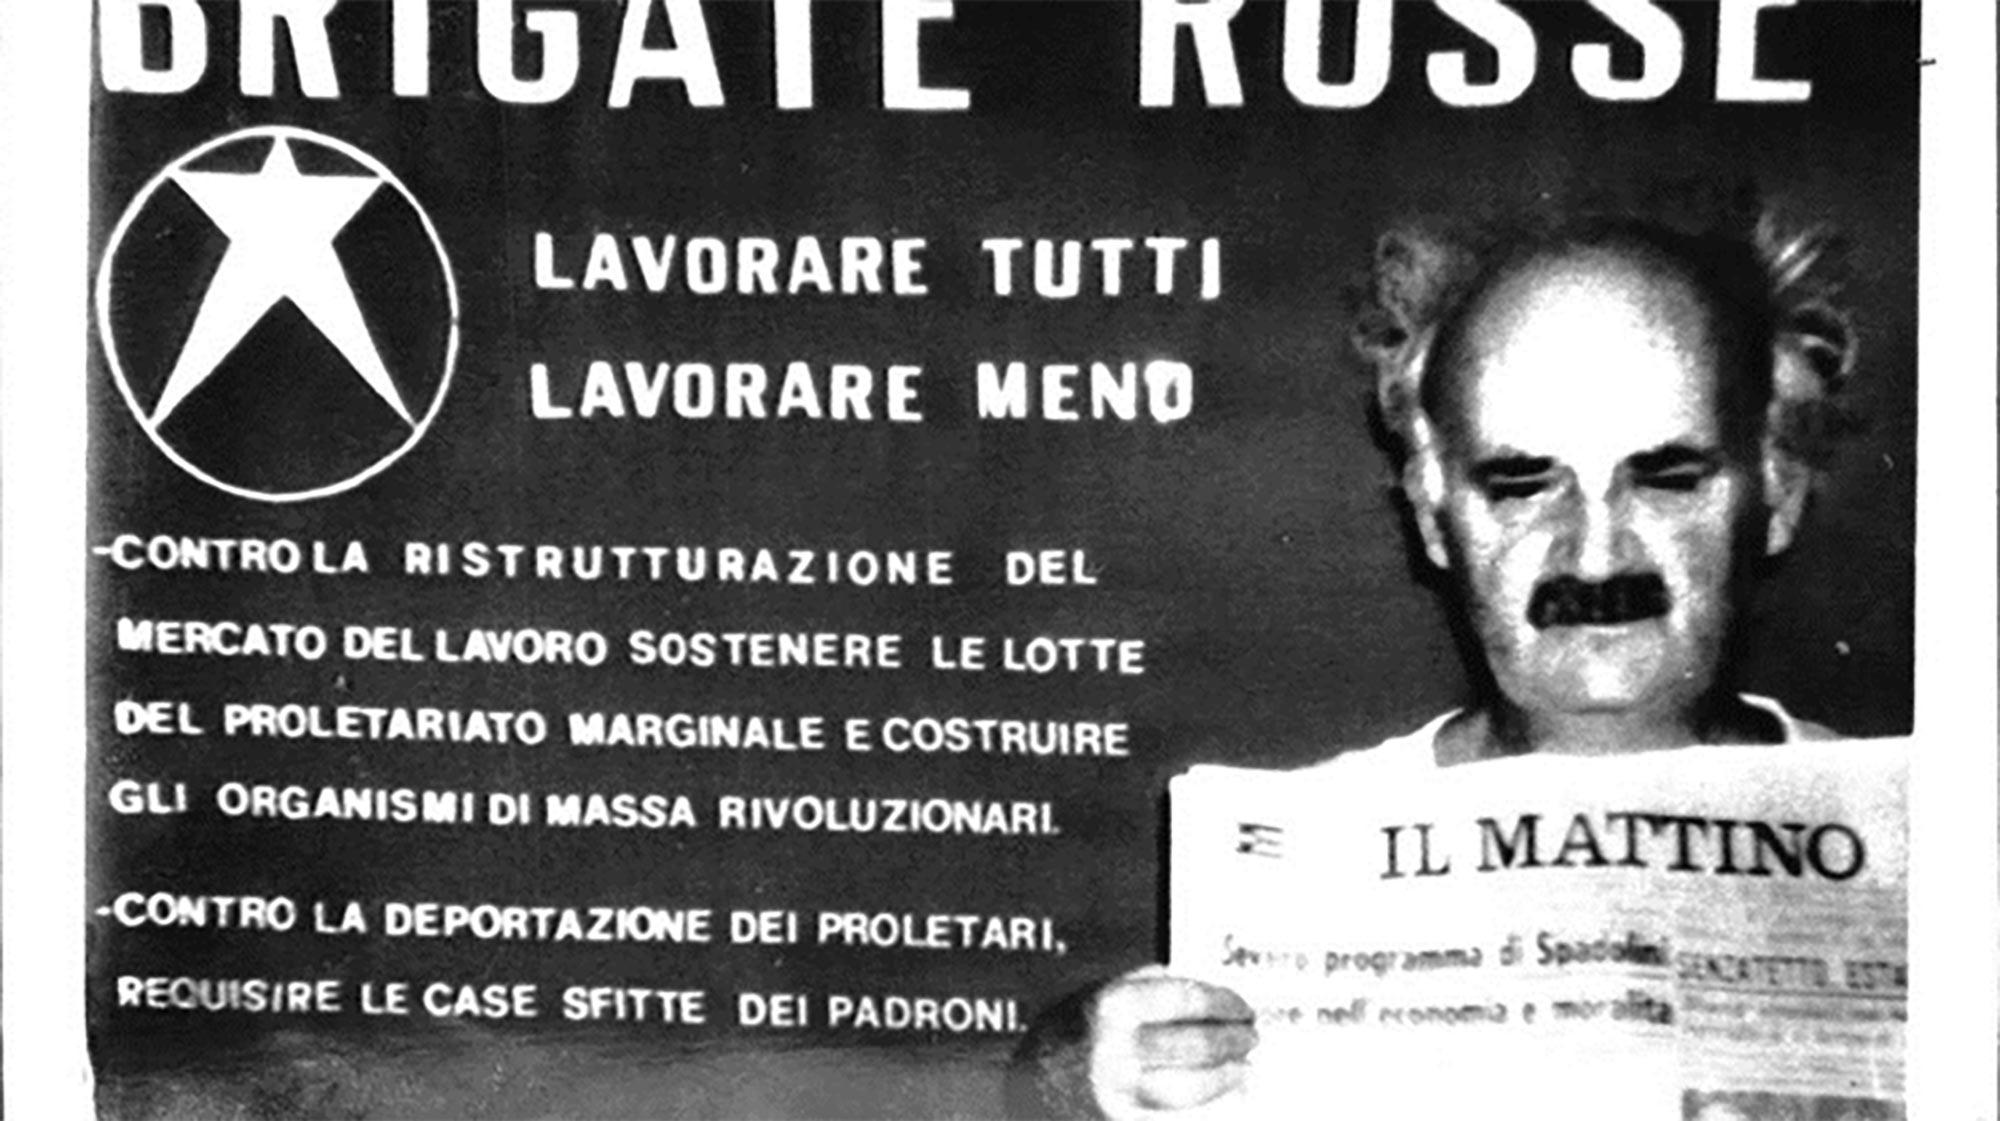 E' morto Ciro Cirillo, l'assessore rapito dalle Br: per liberarlo trattativa Stato-camorra